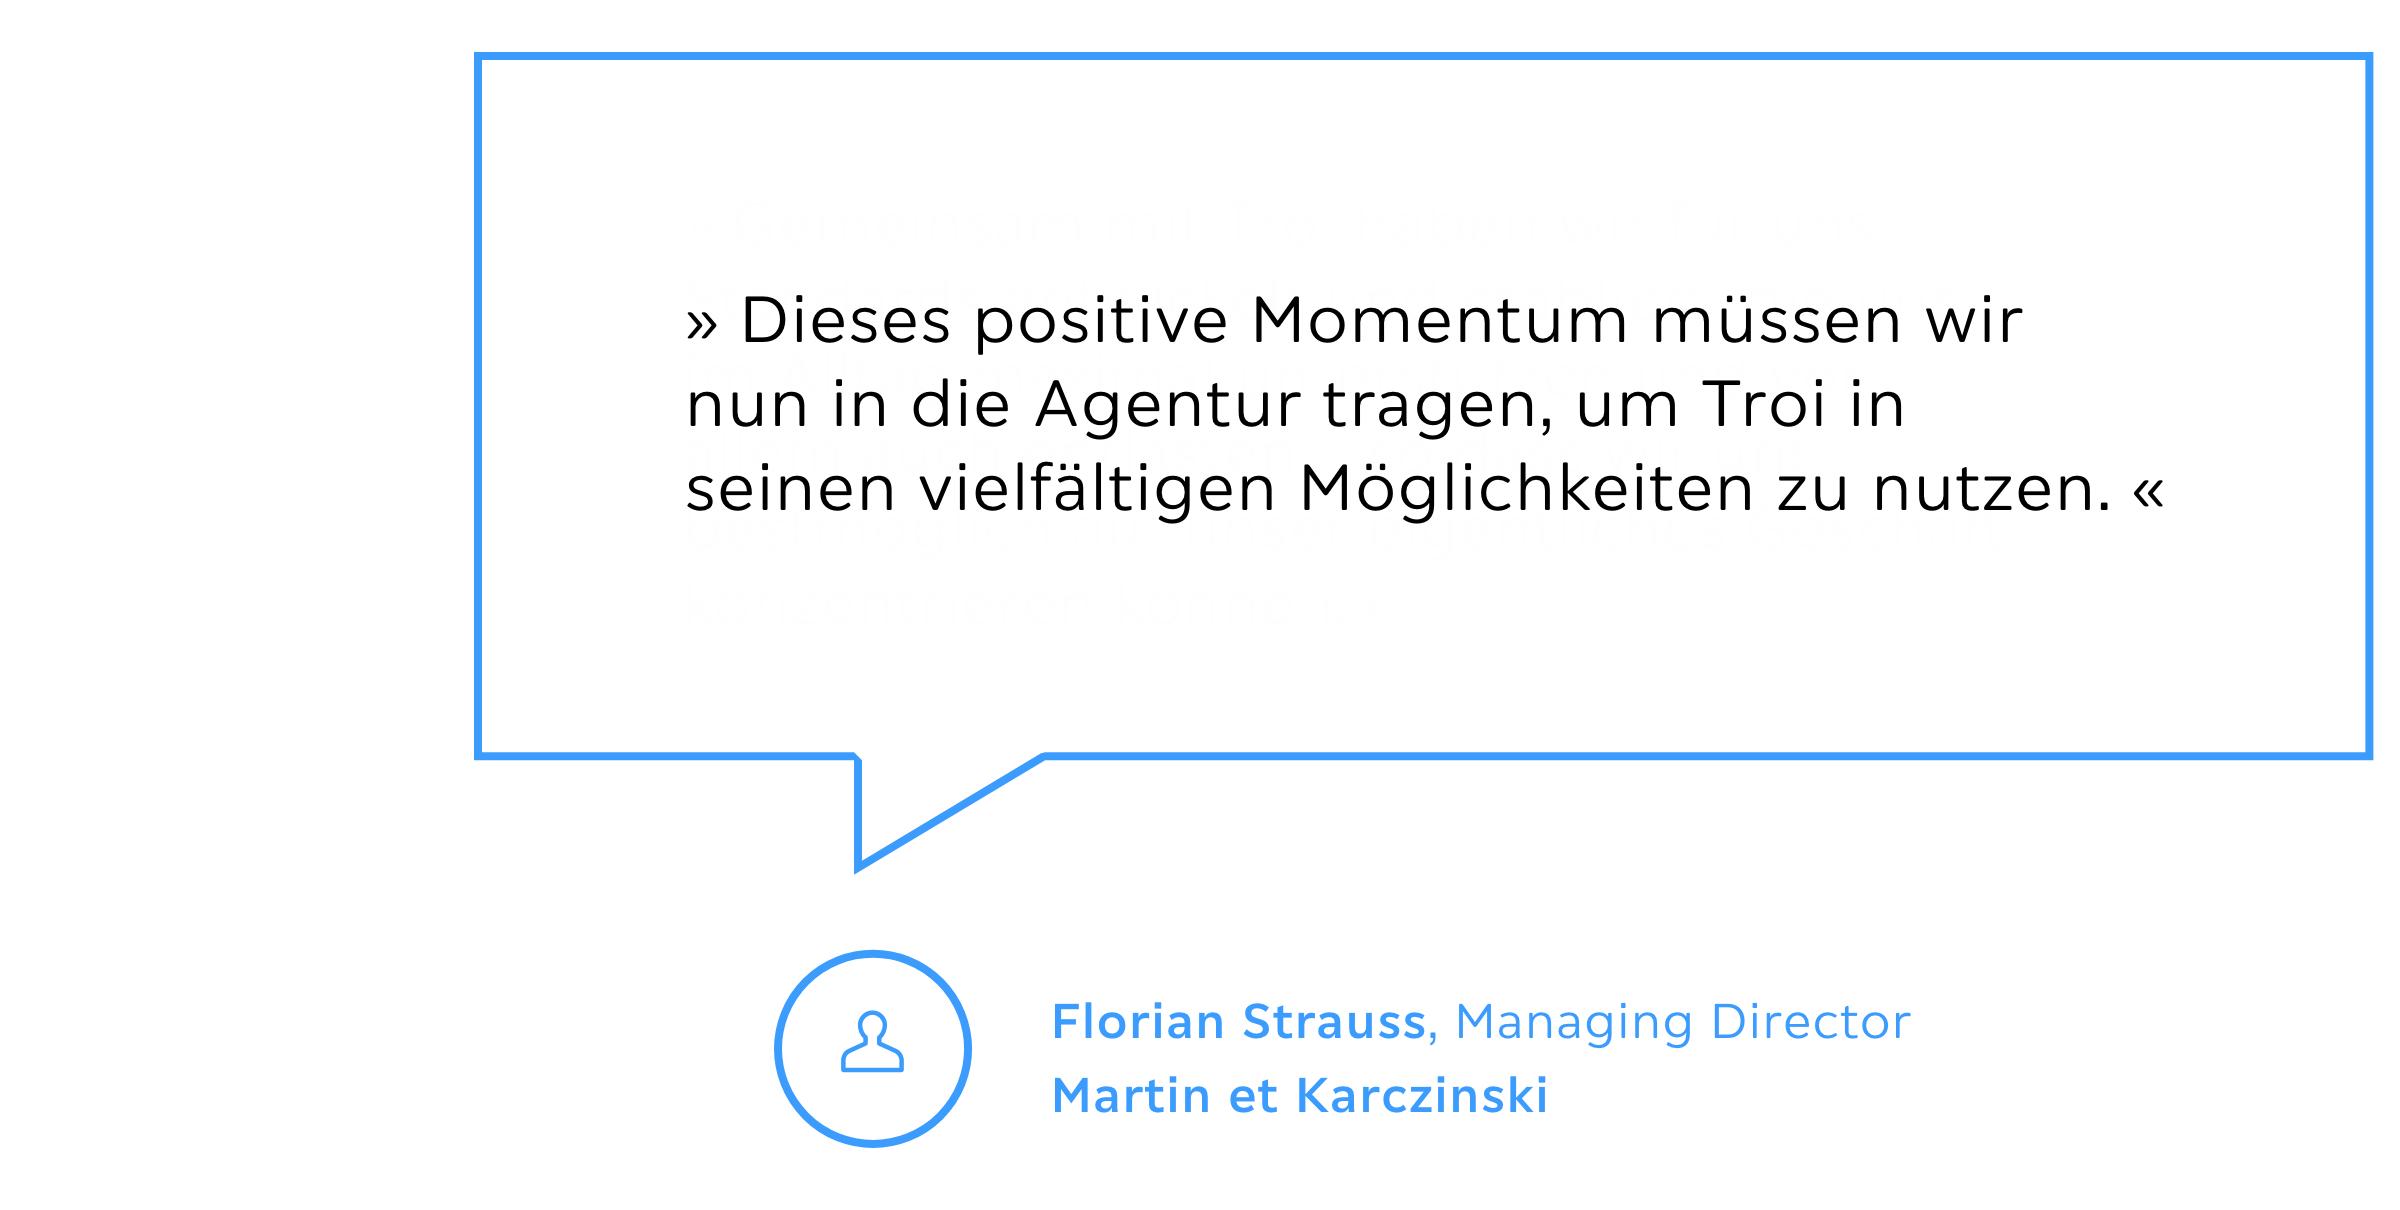 Florian Strauss